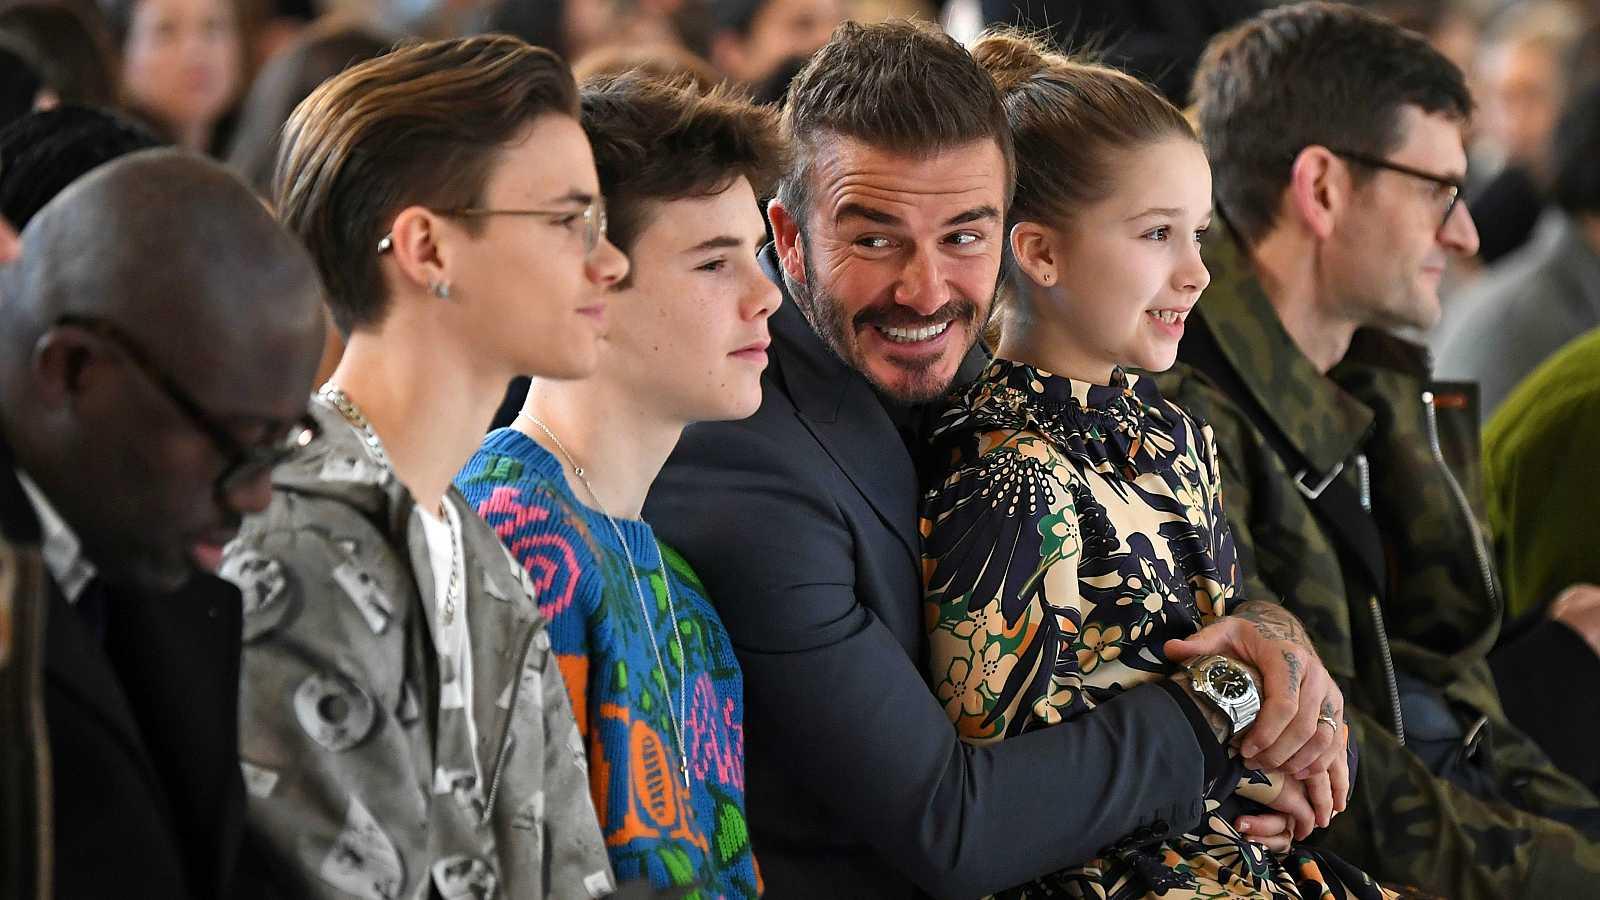 La familia de Victoria Beckham en el desfile de la London Fashion Week. De izquierda a derecha: Romeo, Cruz, David y Harper